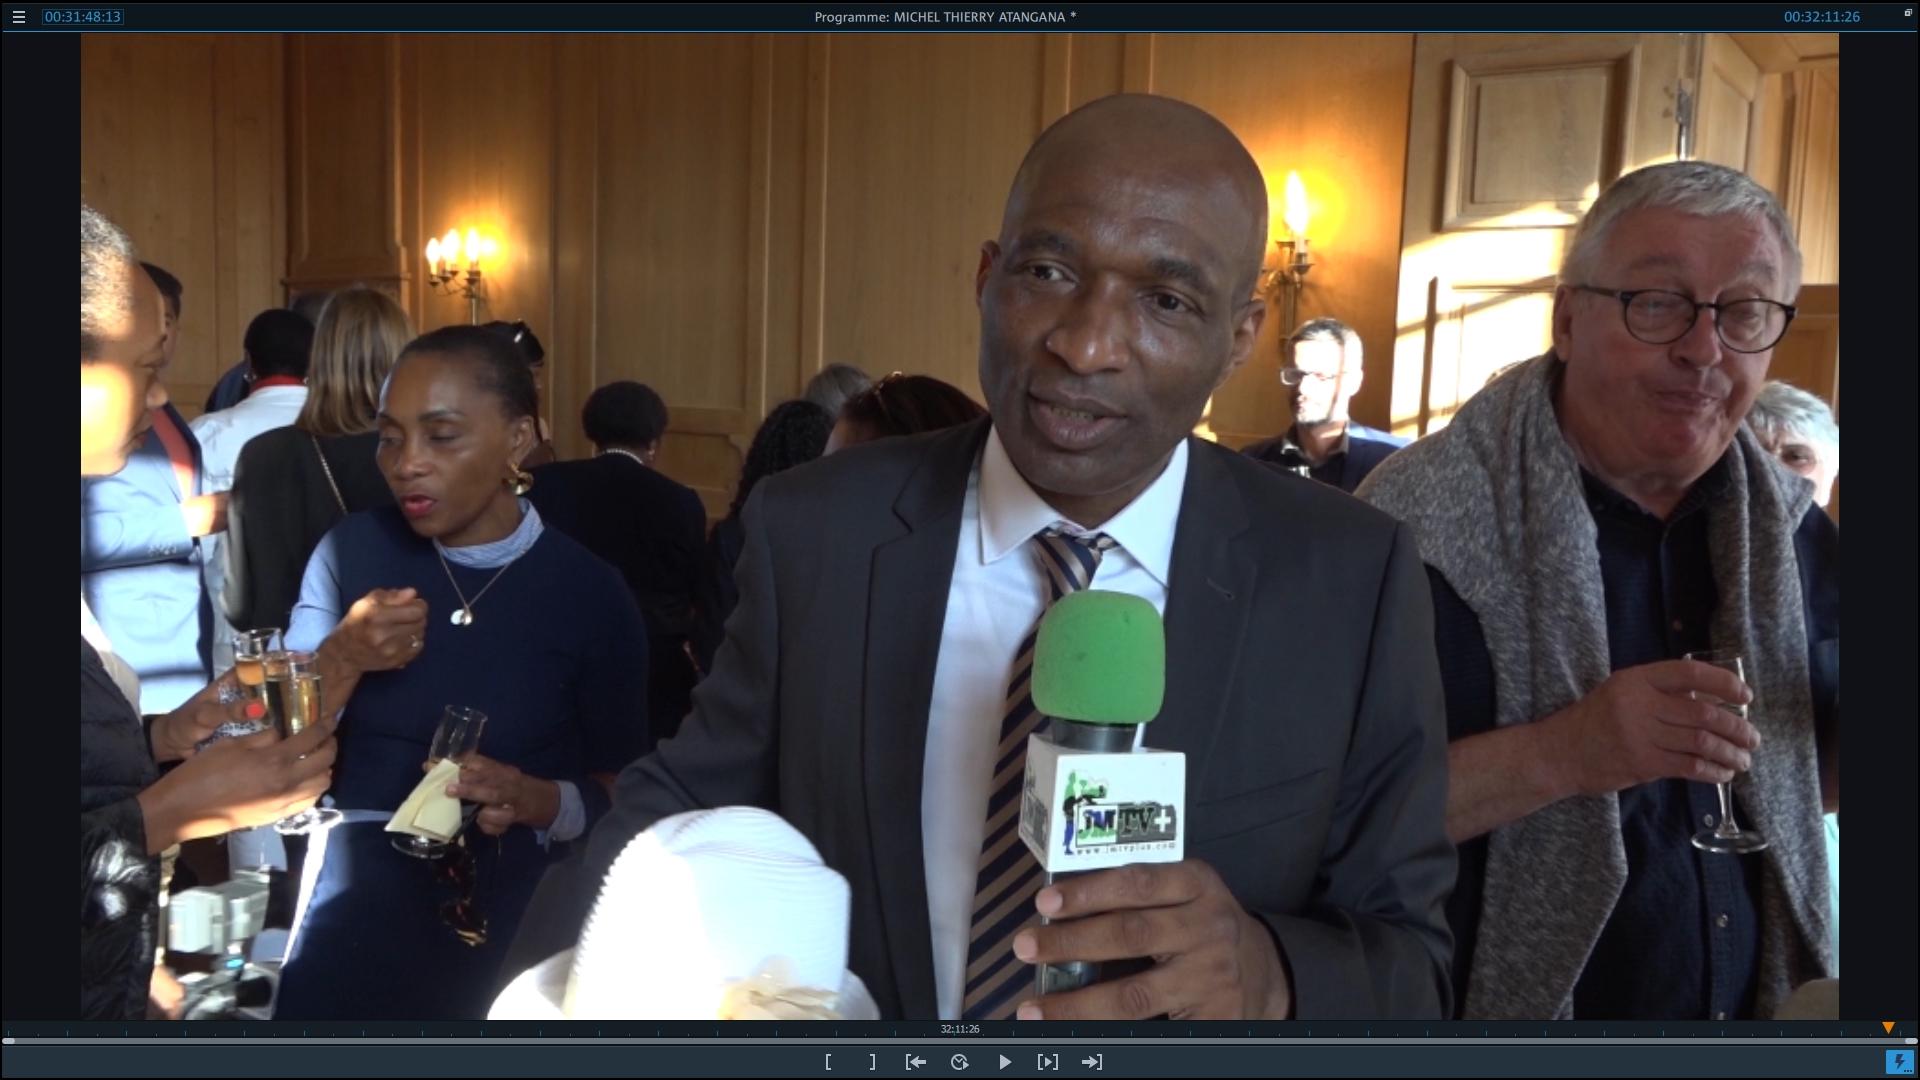 MICHEL THIERRY ATANGANA, CITOYEN D'HONNEUR de SAINT POL de LEON, 2ème Partie